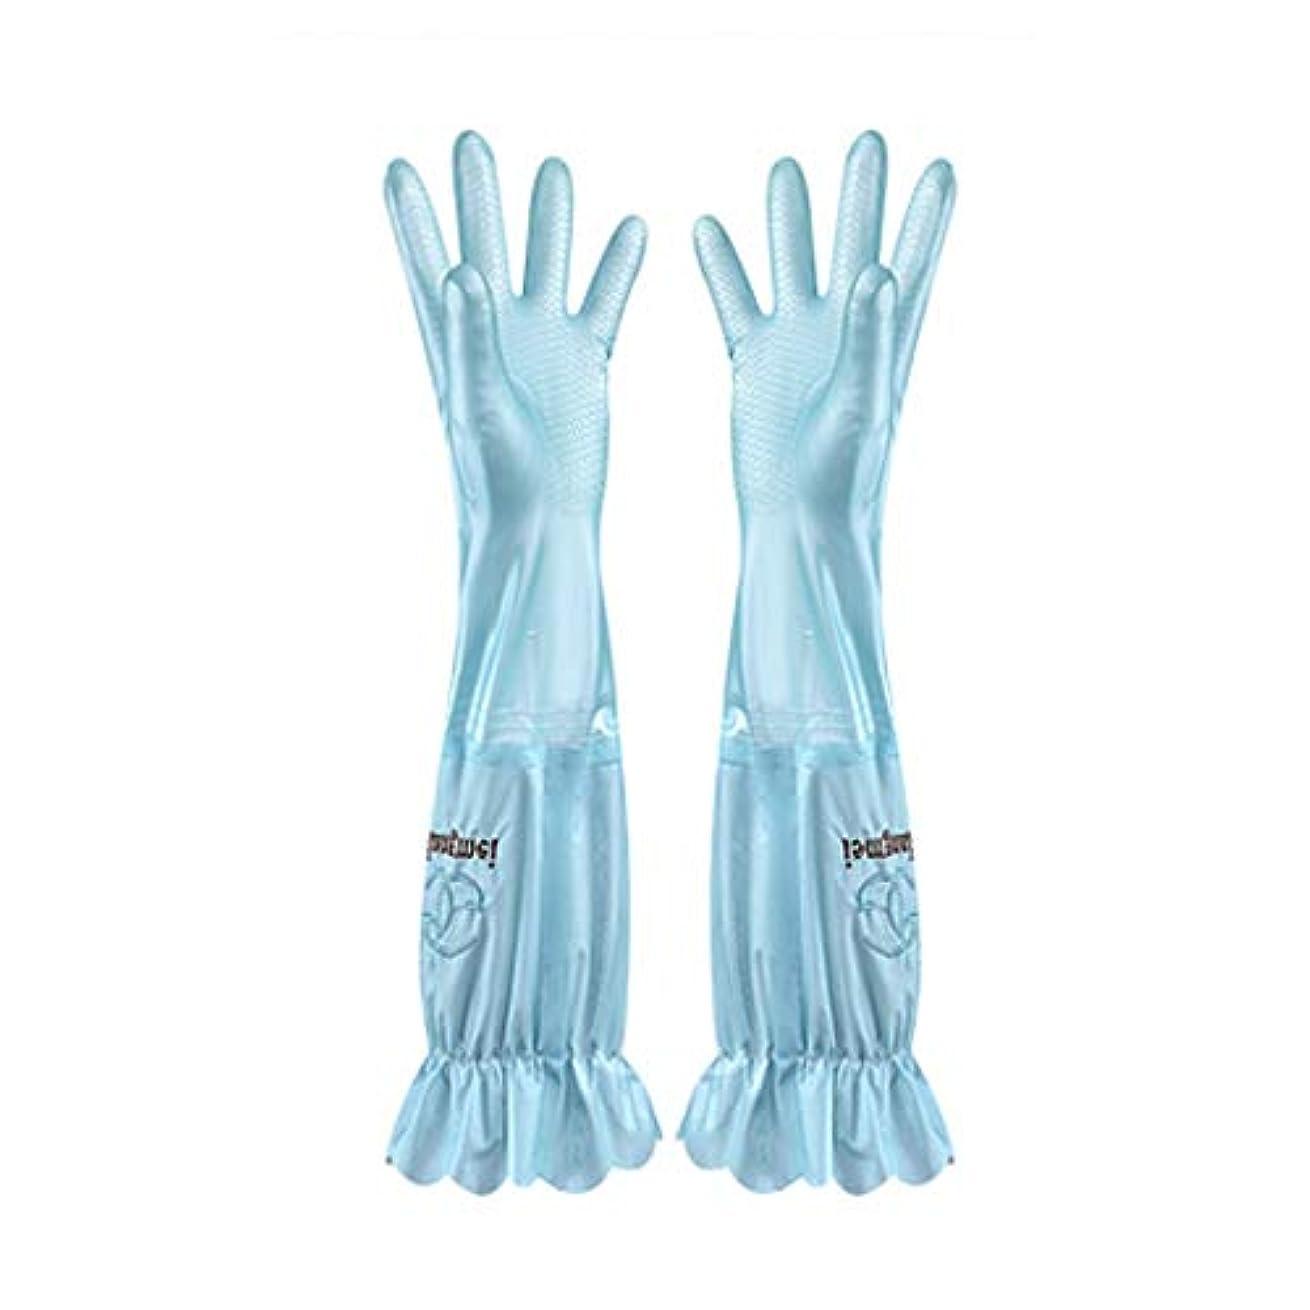 天のだます印象派ニトリルゴム手袋 食器洗い用手袋水耐久性のあるゴム製台所ゴム製厚いセクションプラスベルベットの手袋、1ペア 使い捨て手袋 (Color : BLUE, Size : L)